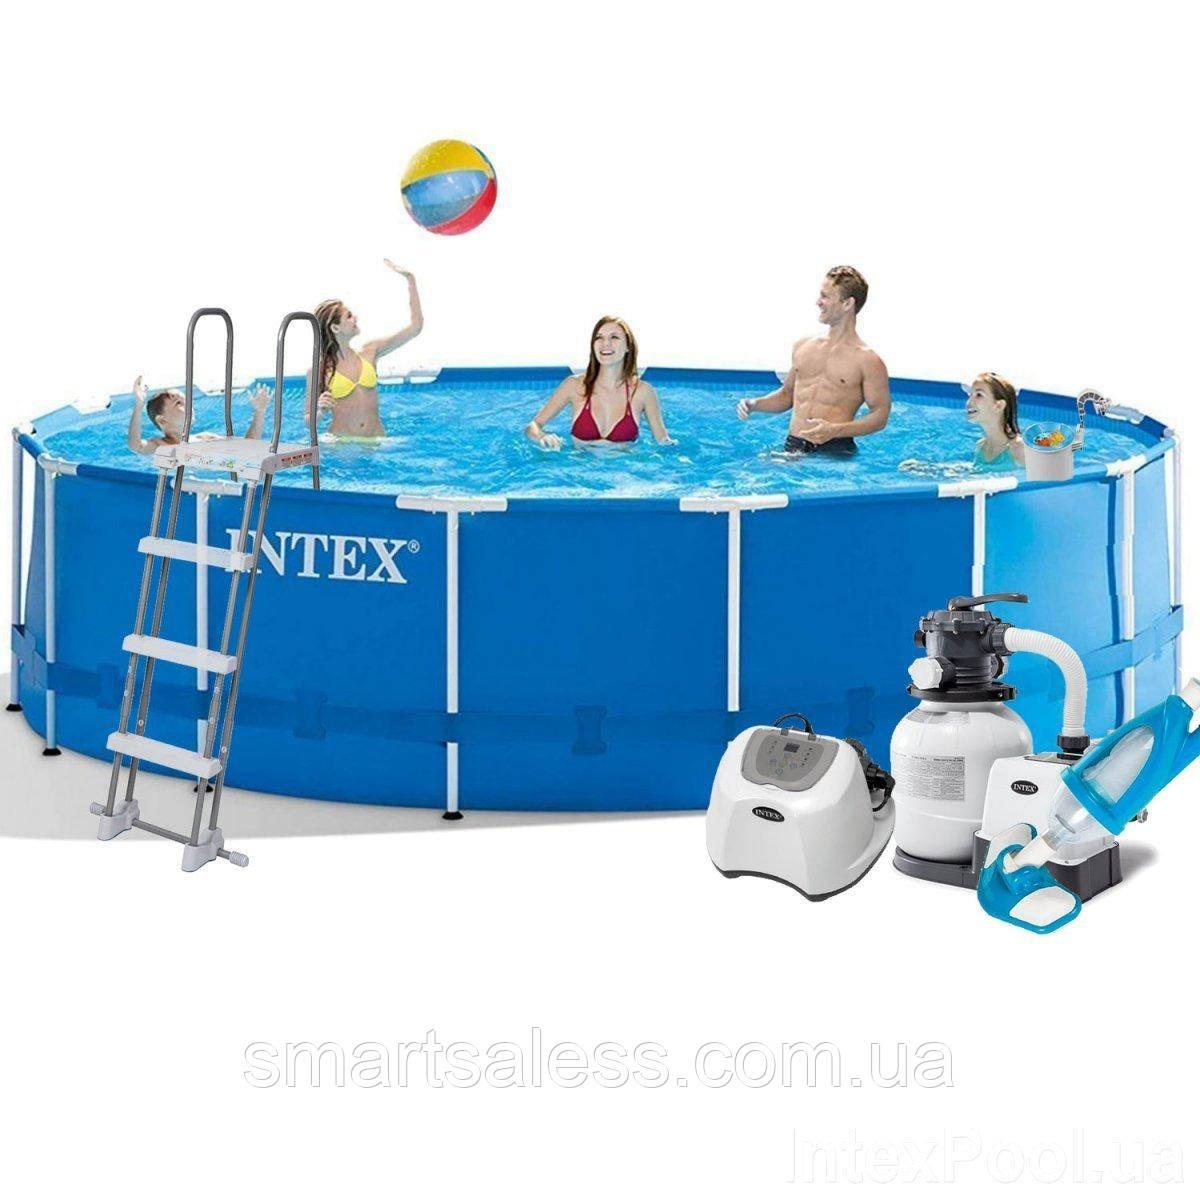 Каркасний басейн Intex круглий, 457 х 122 см, хлорогенератор, насос, сходи, тент, підстилка, набір догляду